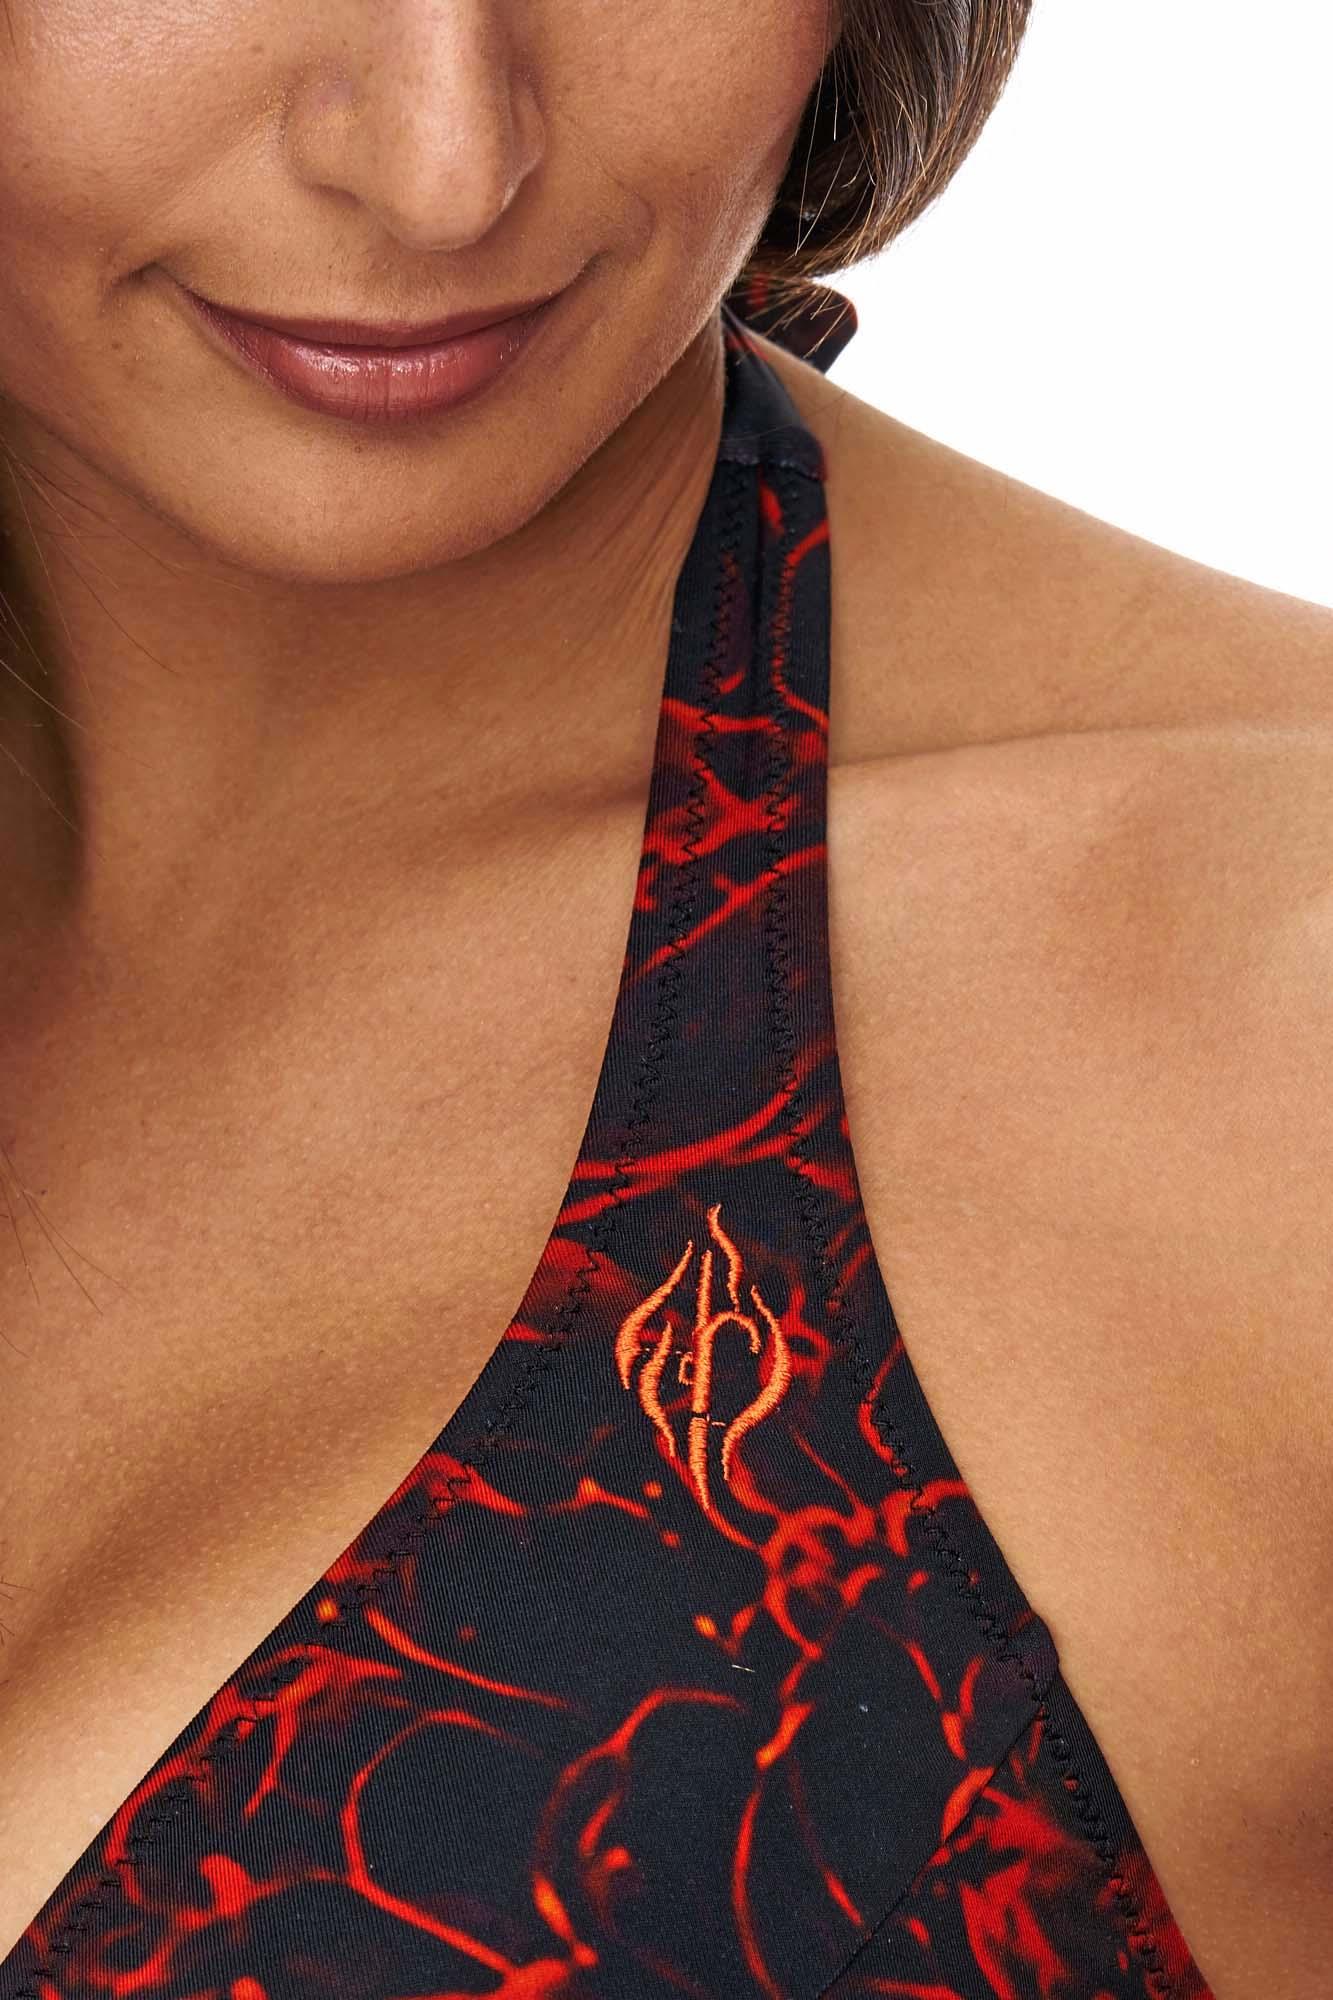 Bikini Flammen Design